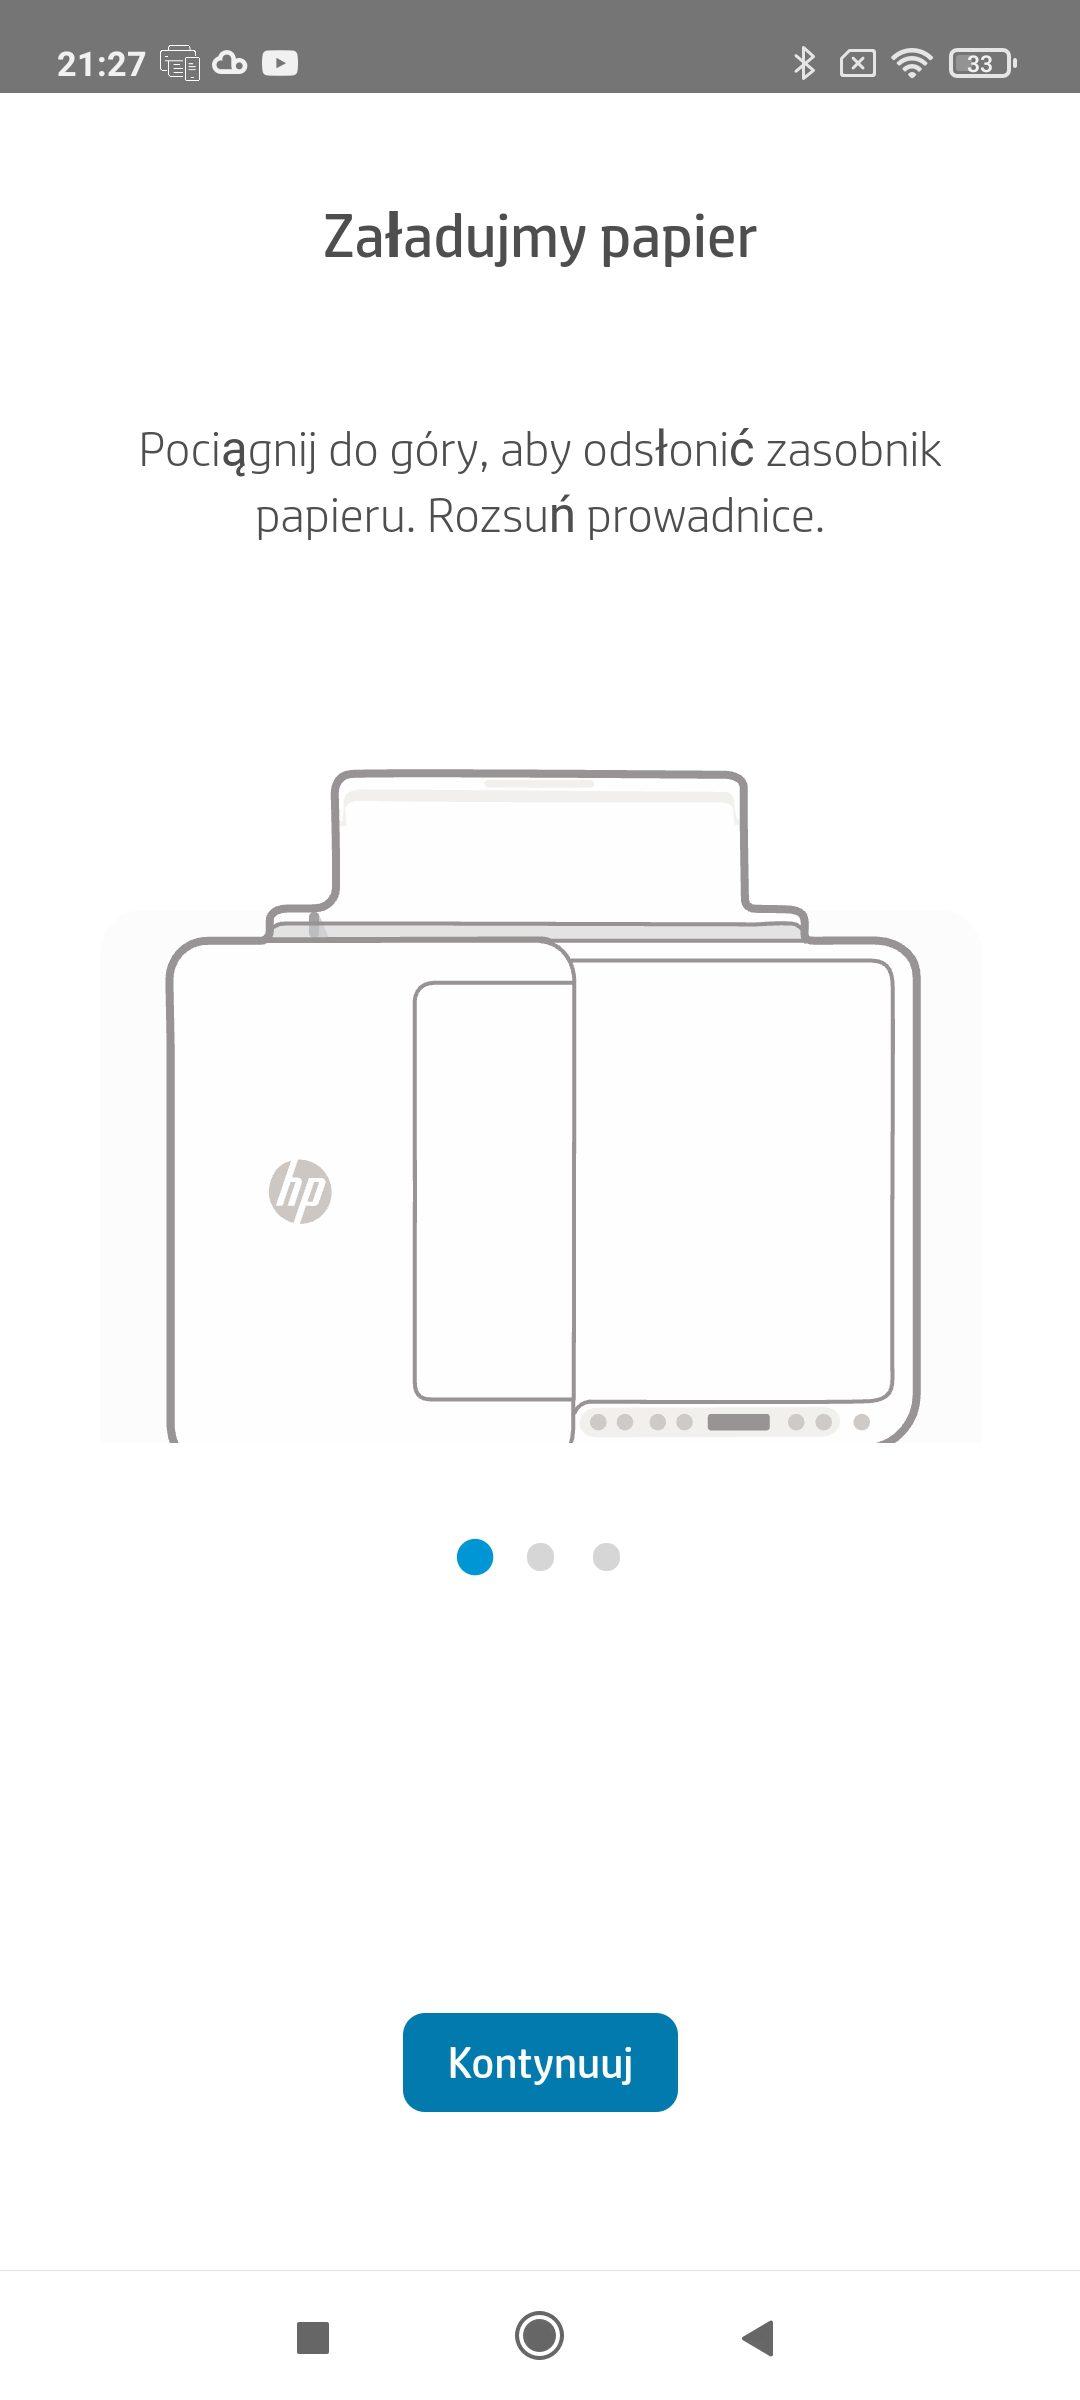 hp smart załadowanie papieru